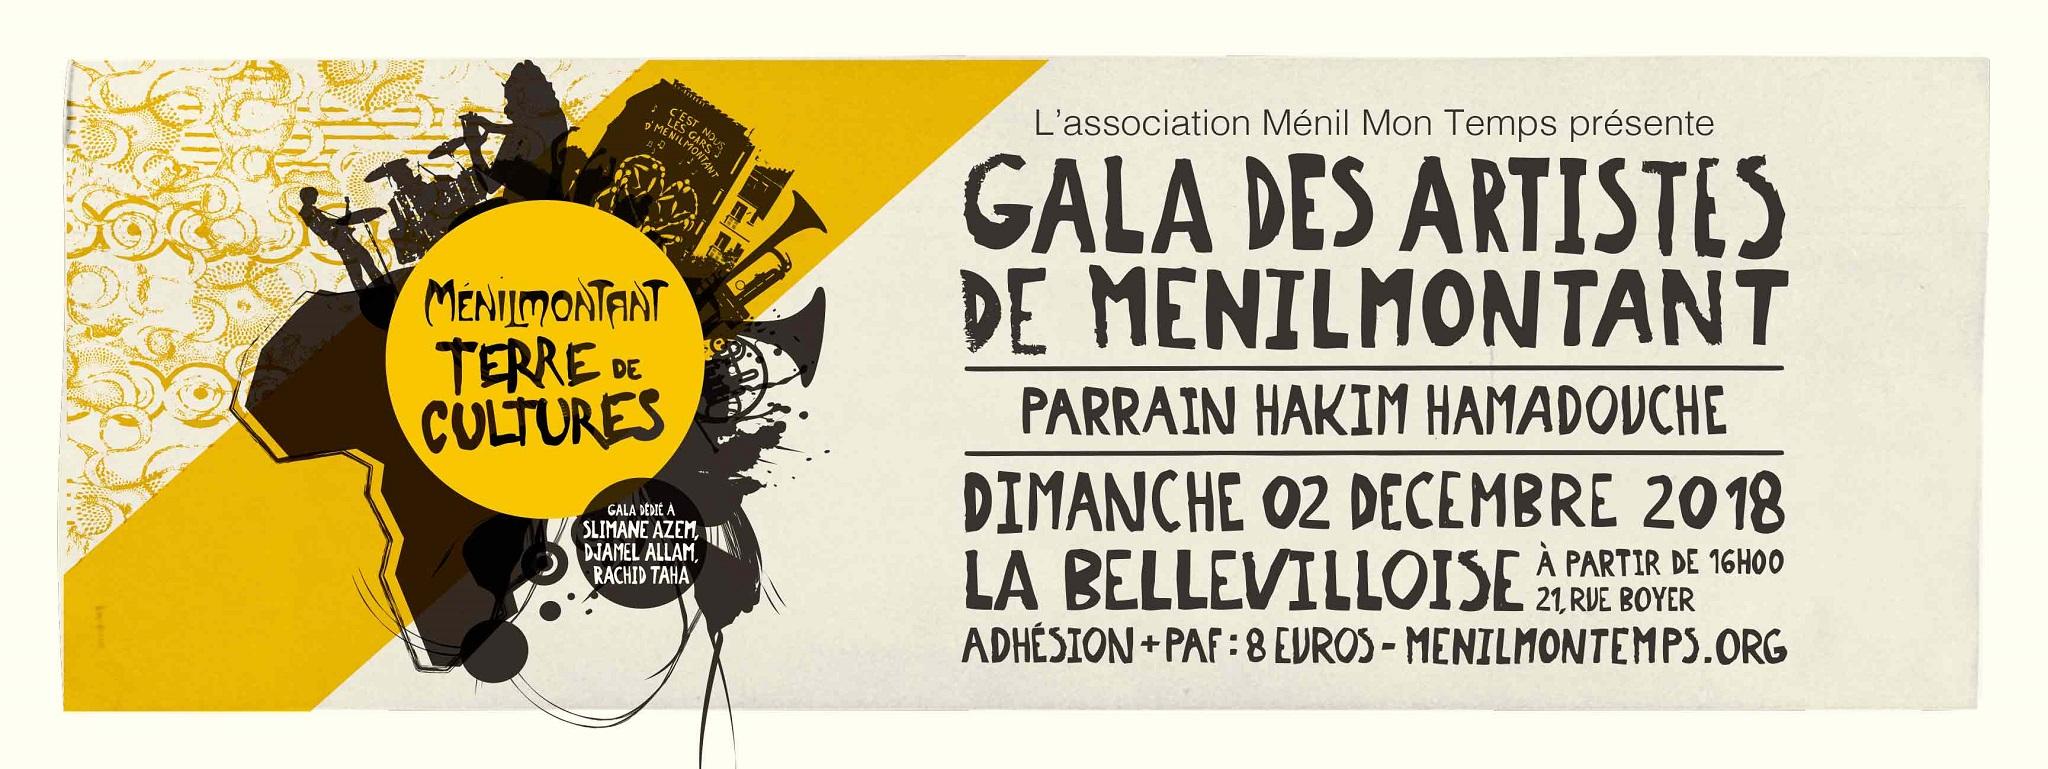 Gala des artistes de Ménilmontant 2018, 2 déc. Bellevilloise